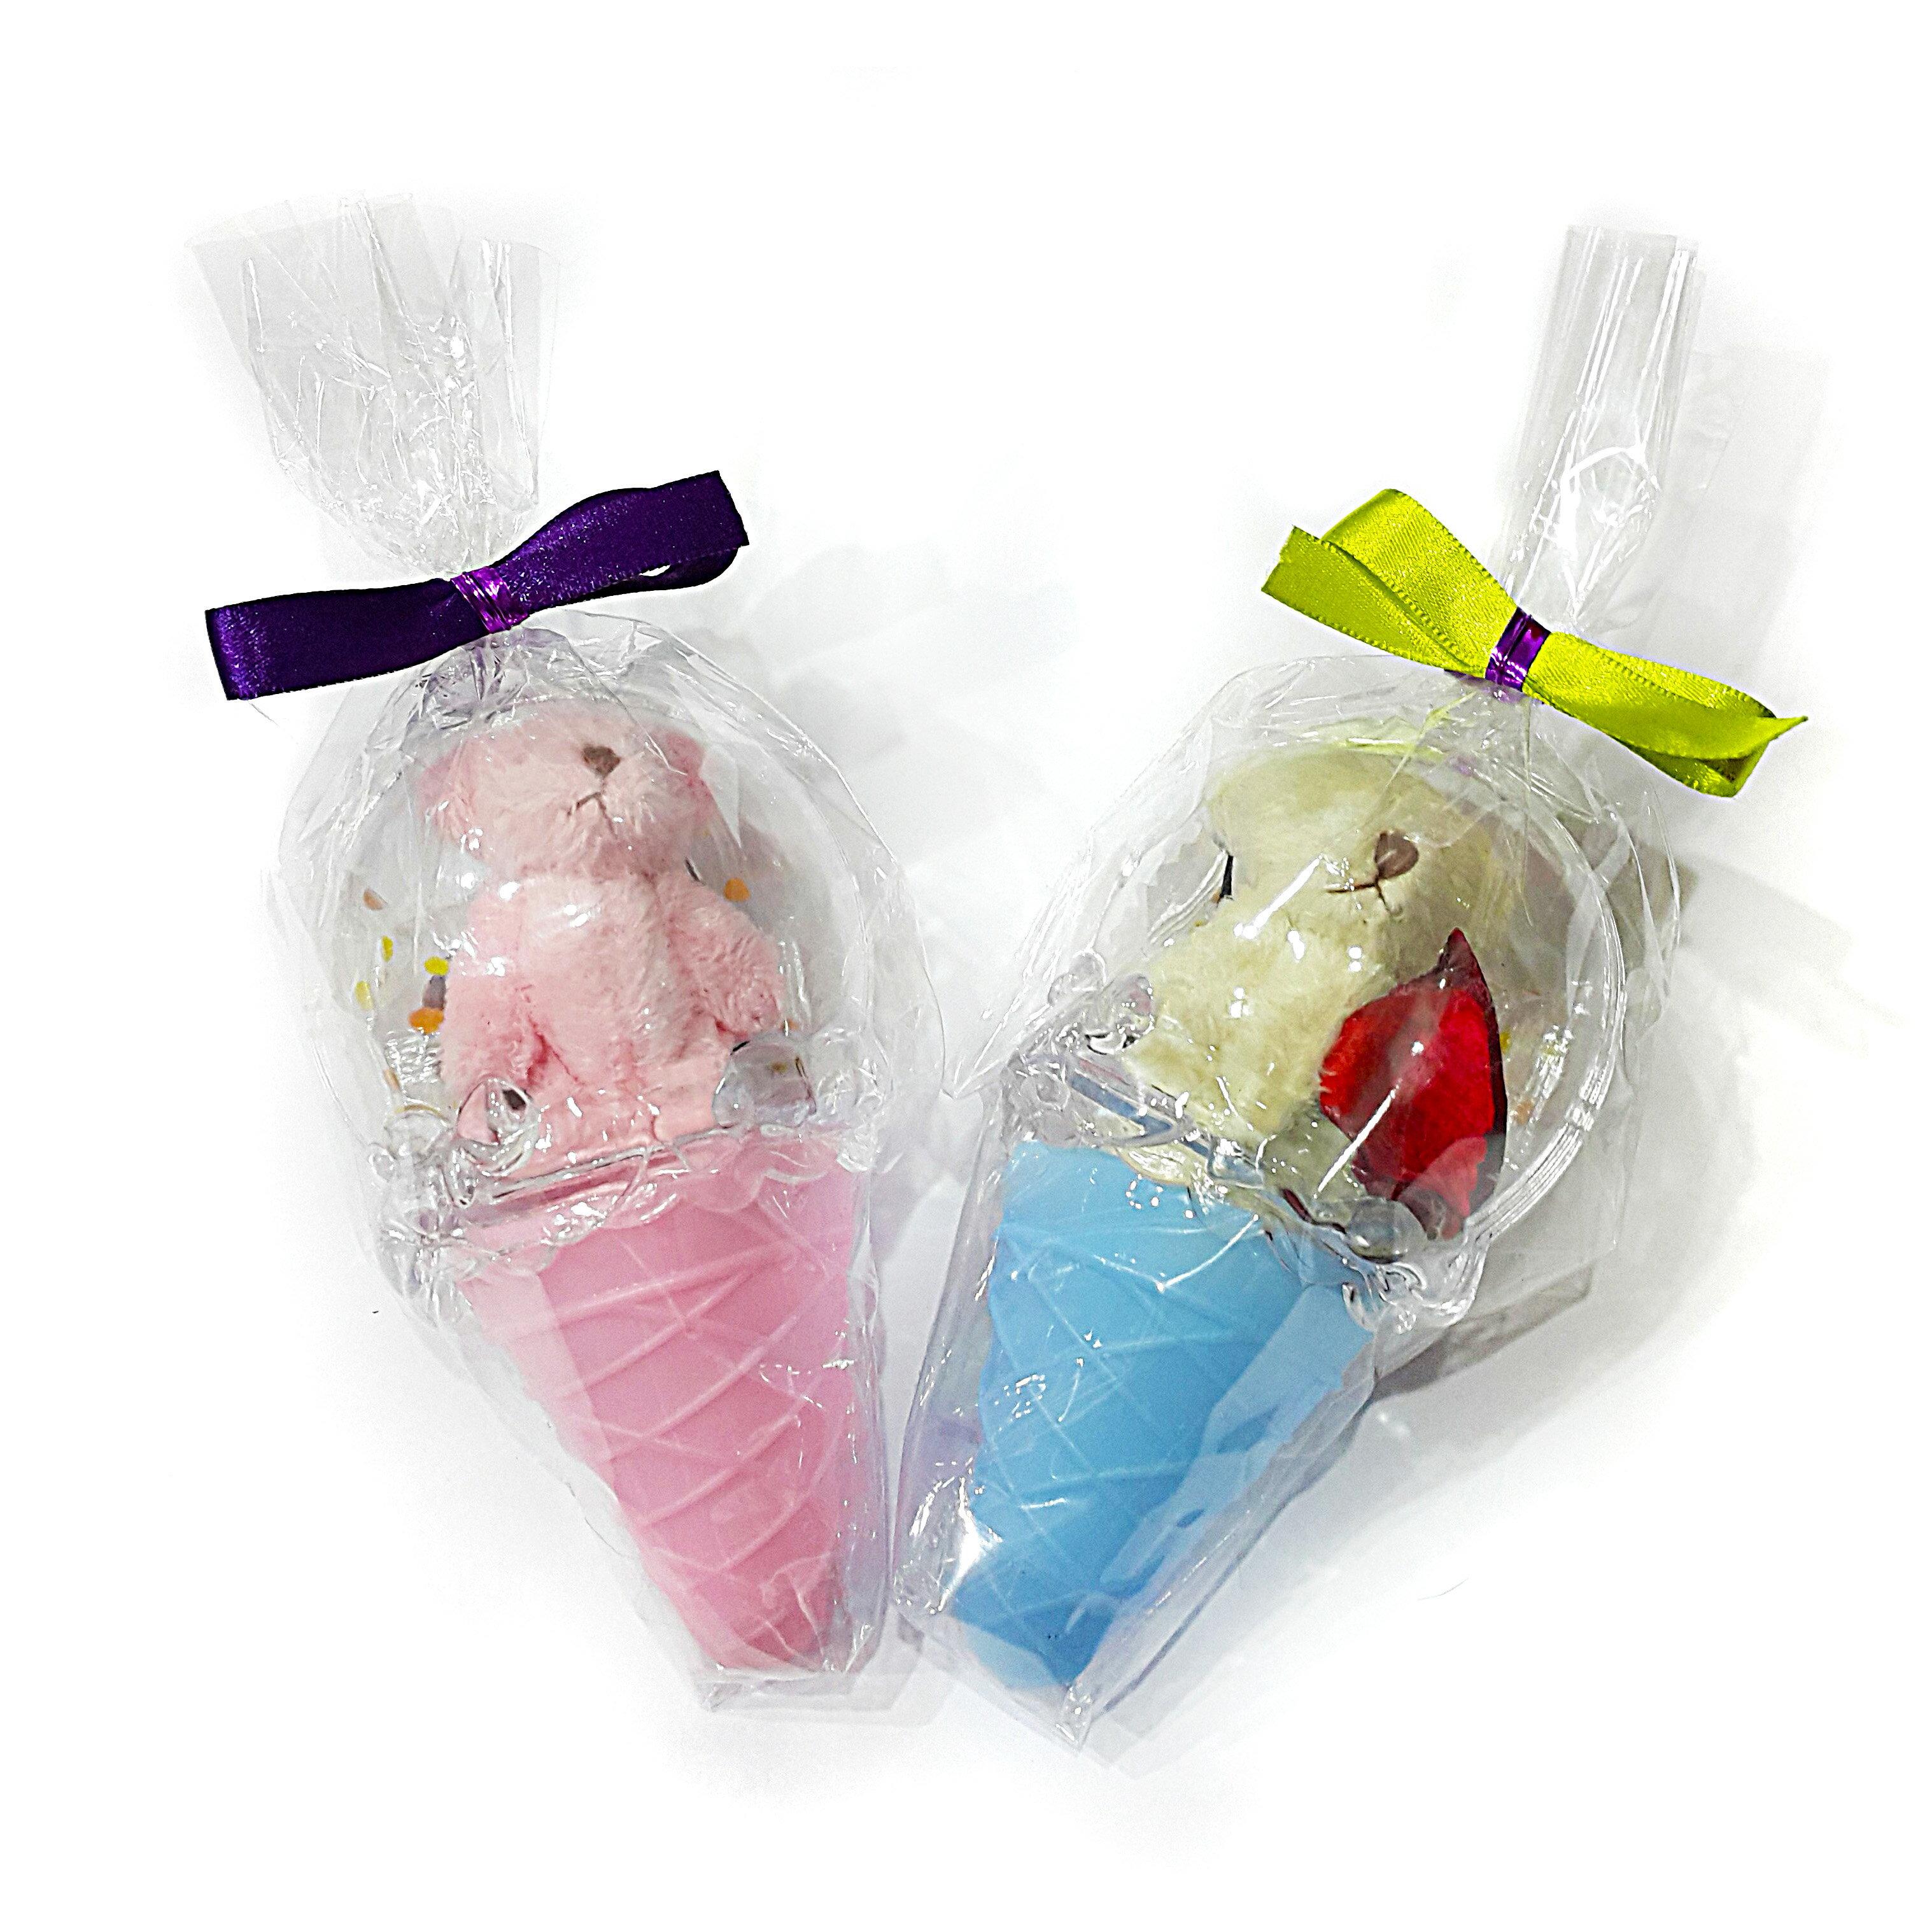 X射線【Y040008】冰淇淋甜筒娃娃組(不挑色),糖果襪/糖果罐/聖誕節/交換禮物/婚禮小物/兒童節/禮物/